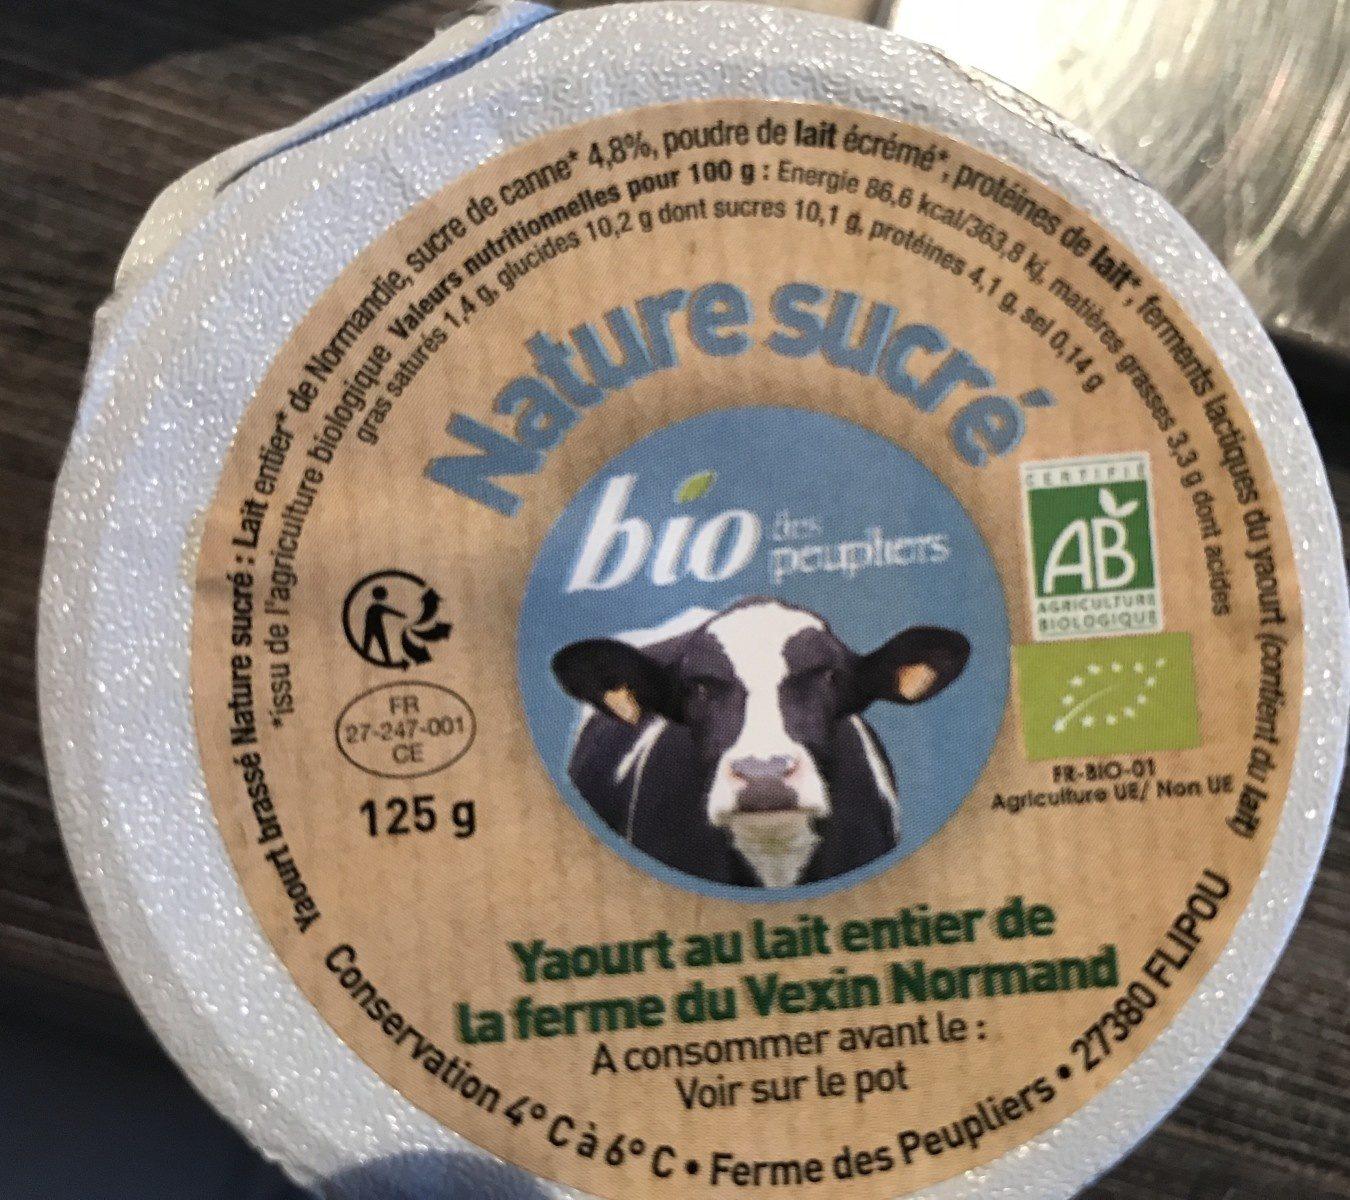 Nature bio brassé nature sucré - Ingrédients - fr